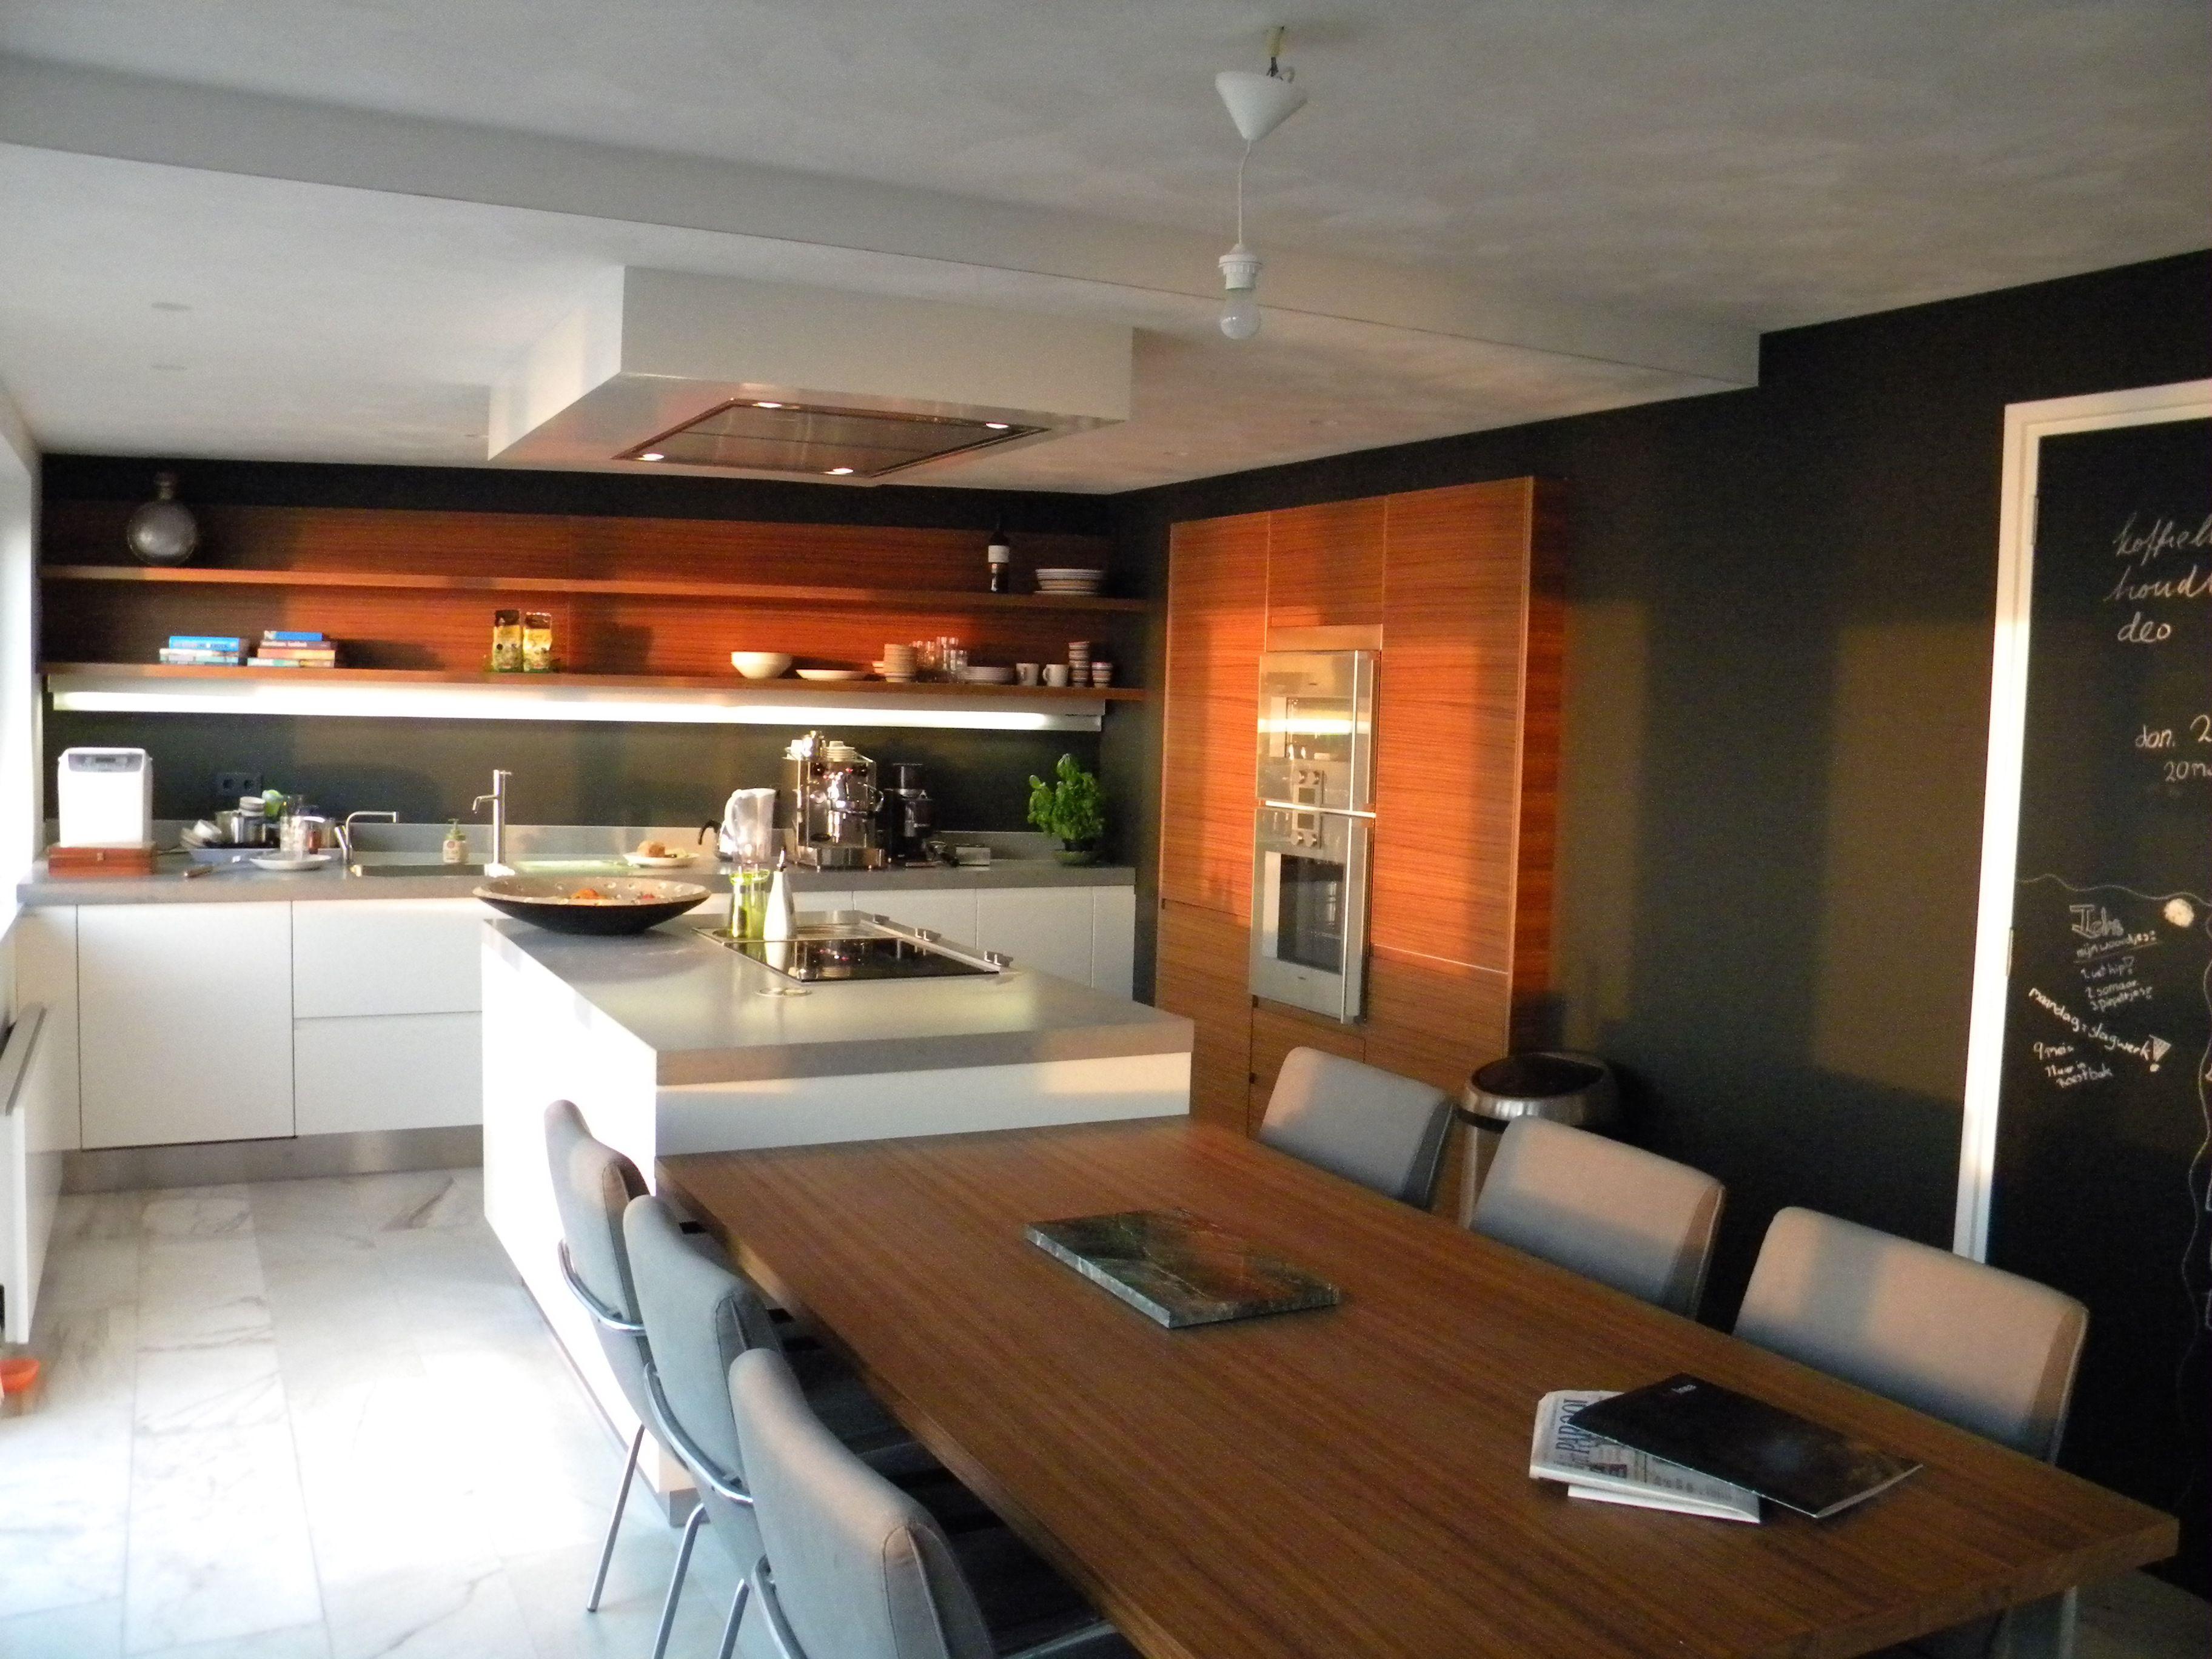 Kookeiland tafel keuken pinterest future house and kitchens - Tafel design keuken ...